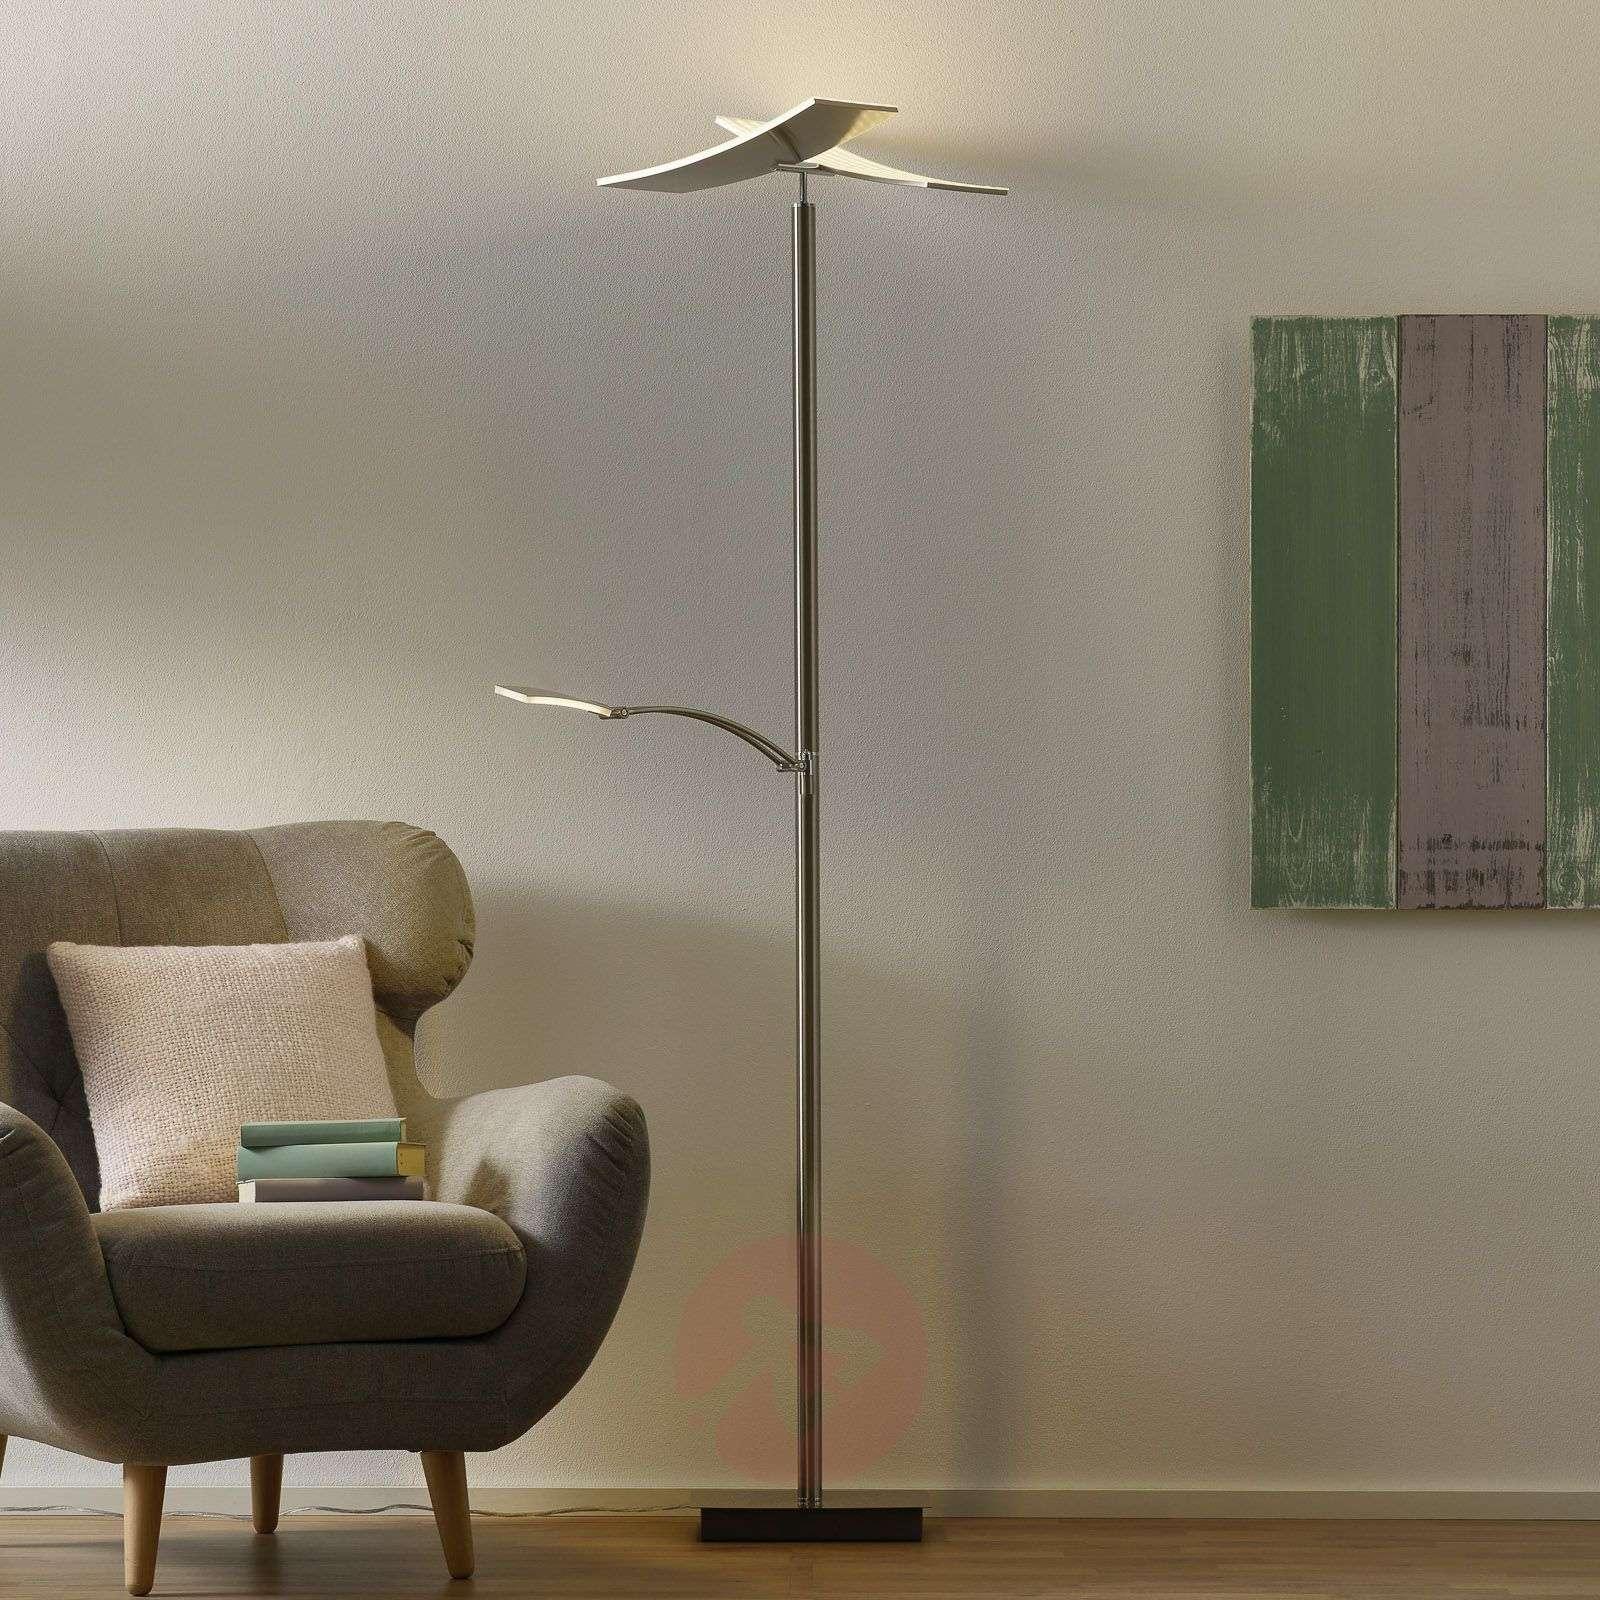 Duo-LED-lattiavalaisin lukuvarrella ja himment.-1554007-01